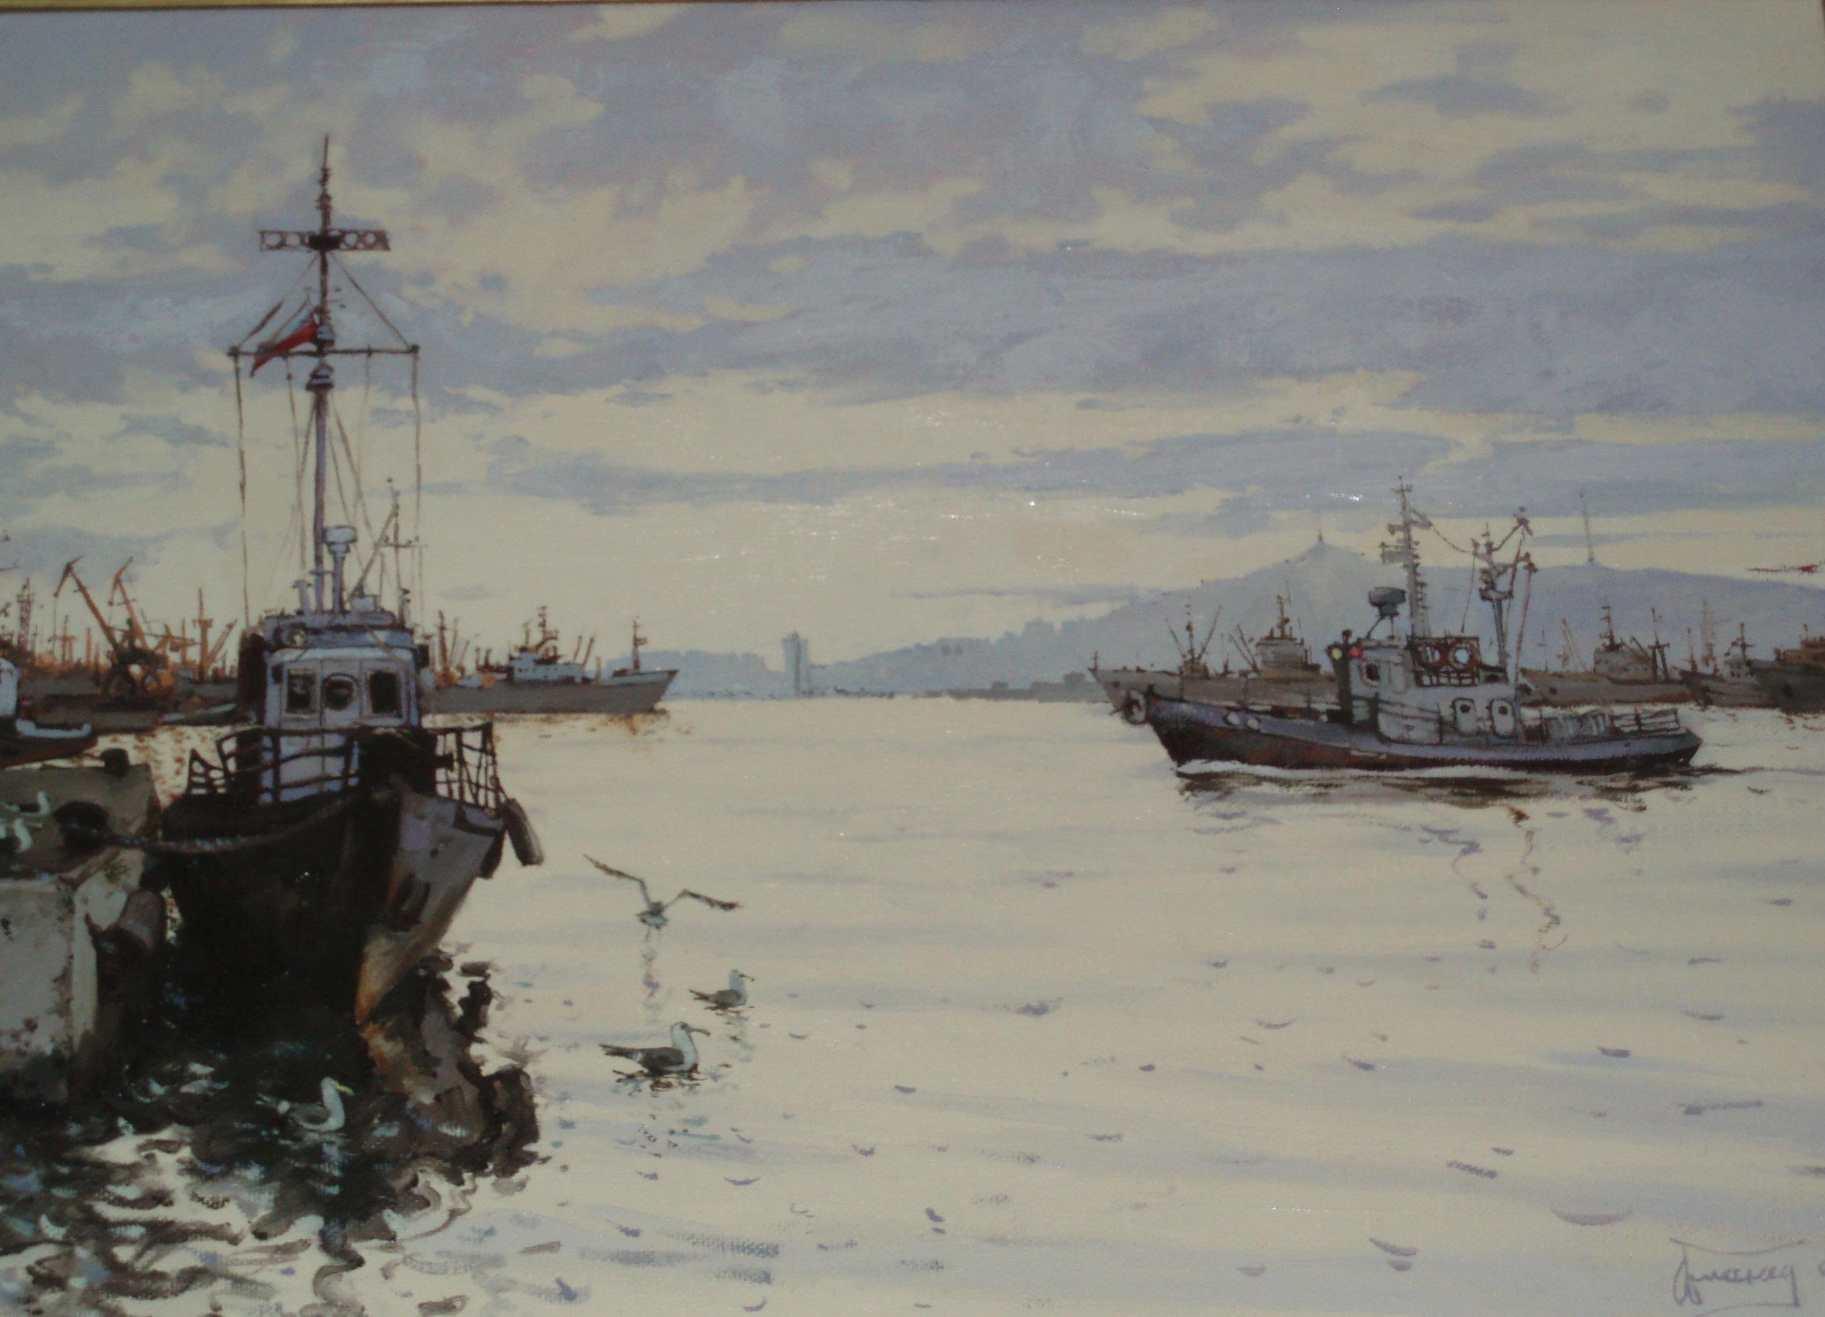 Обманец А. А. Владивосток. Вечер на бухте. 2003. Холст, масло. 60х80